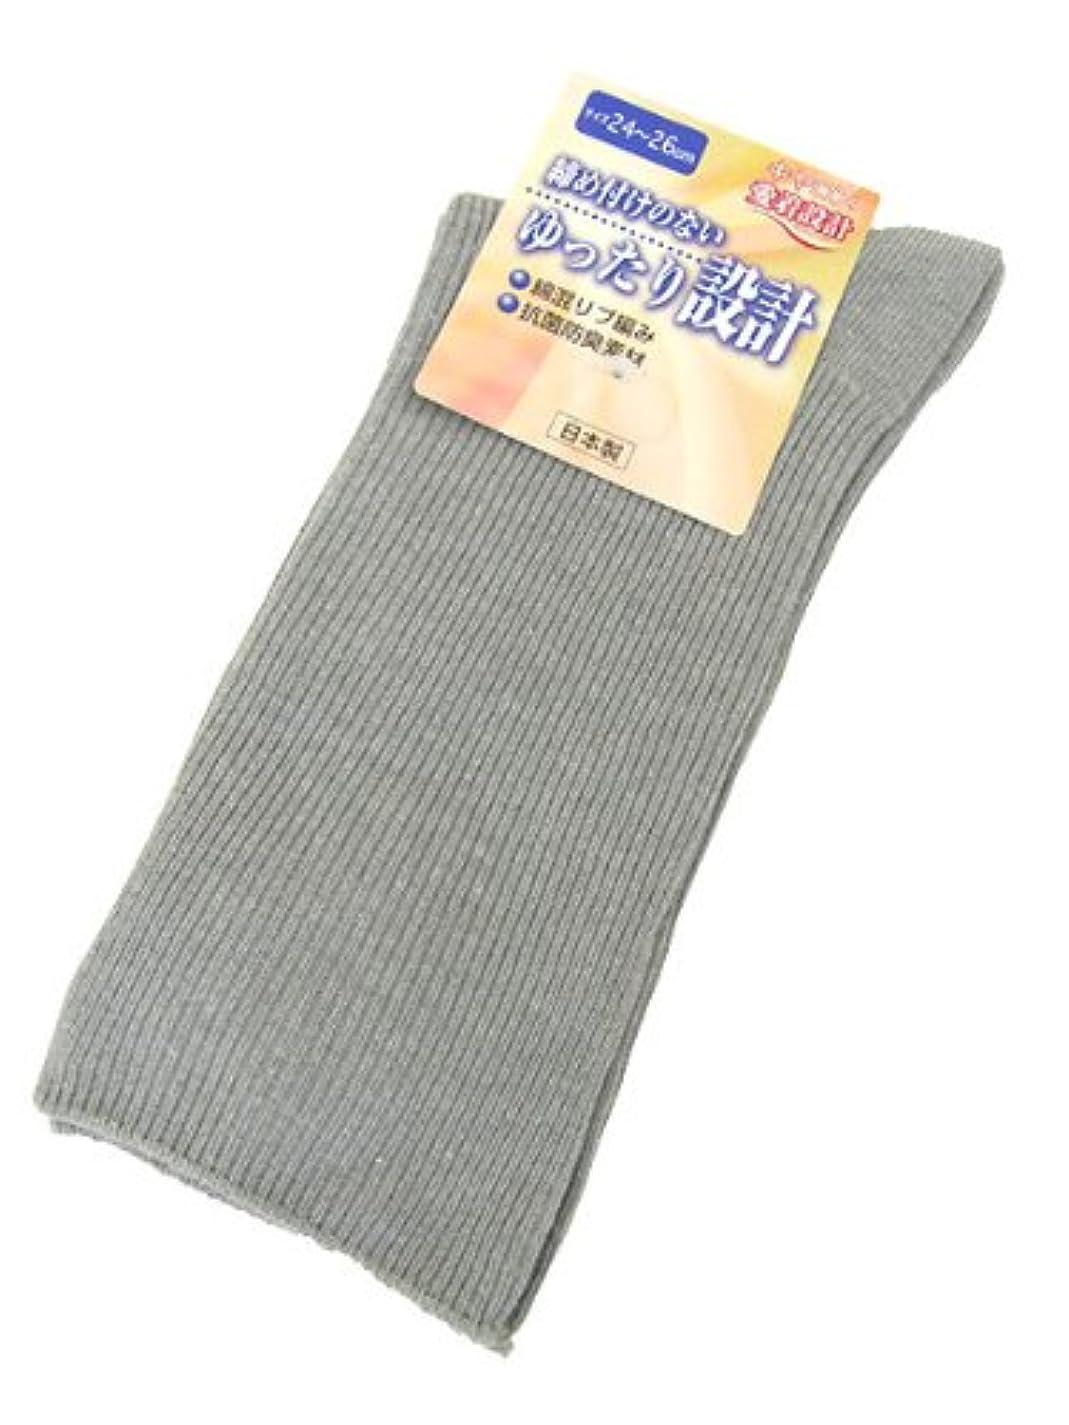 意志に反する発音するブラザーゆったり設計ソックス綿混リブ 紳士用 ライトグレー